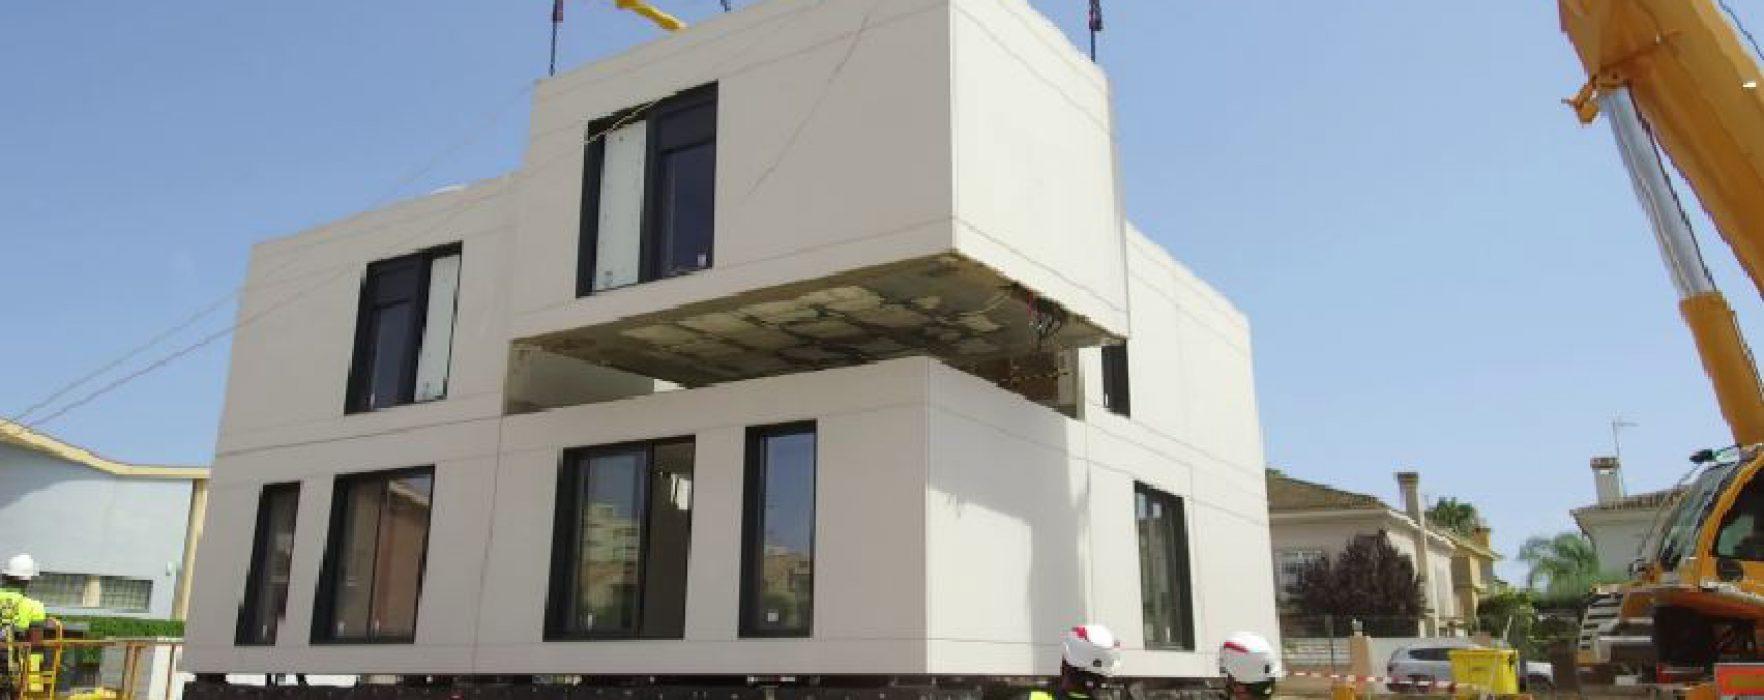 AEDAS Homes entregará viviendas de obra nueva en la mitad de tiempo: así son las industrializadas